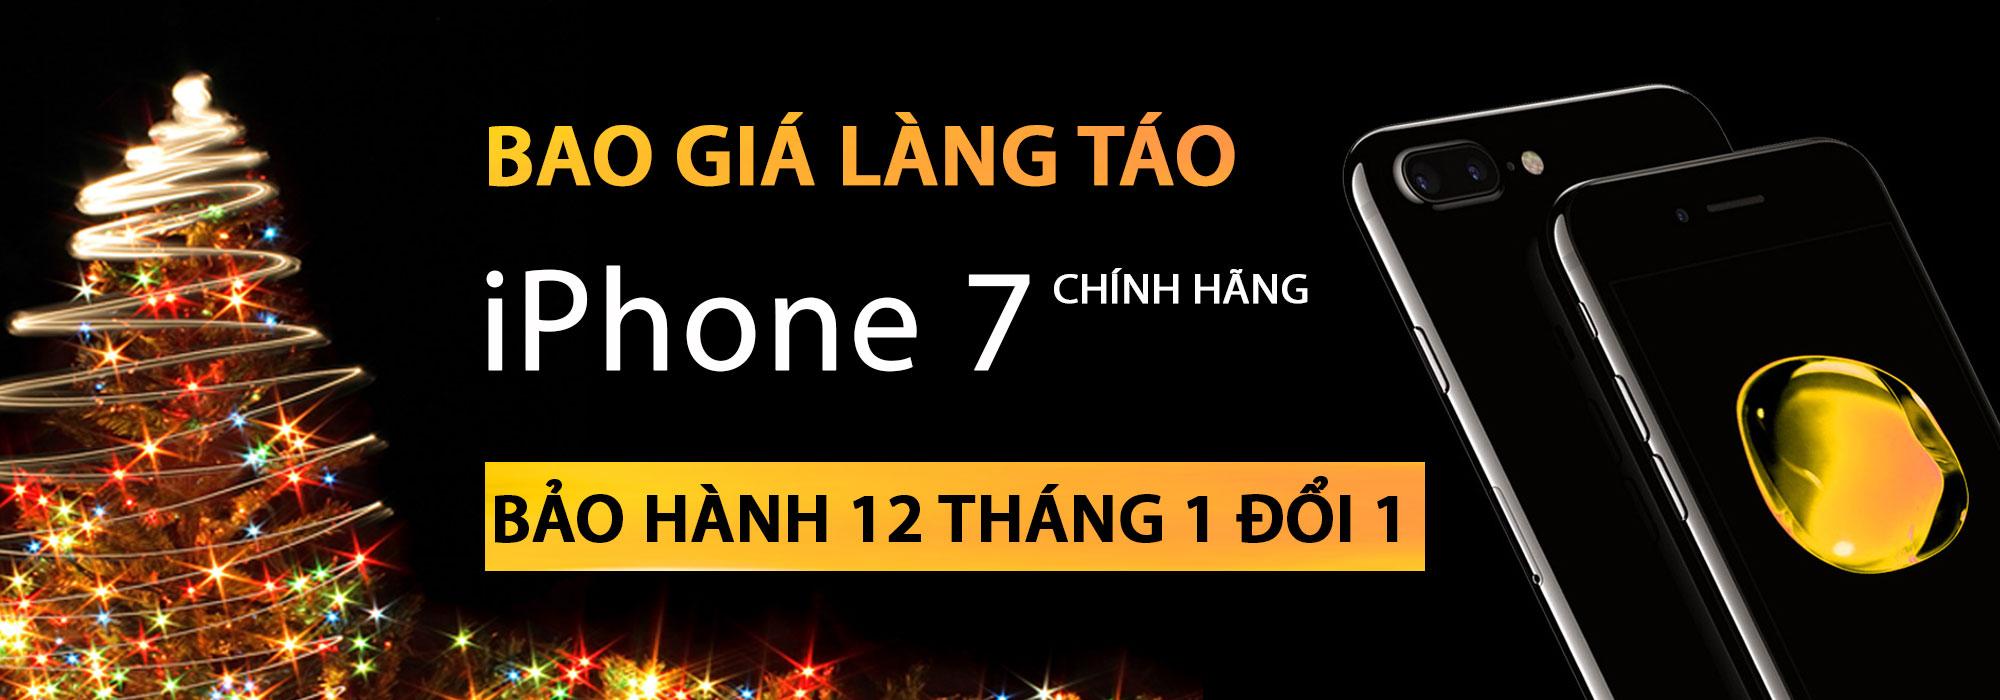 Đặt hàng iPhone 7 tại CellphoneS